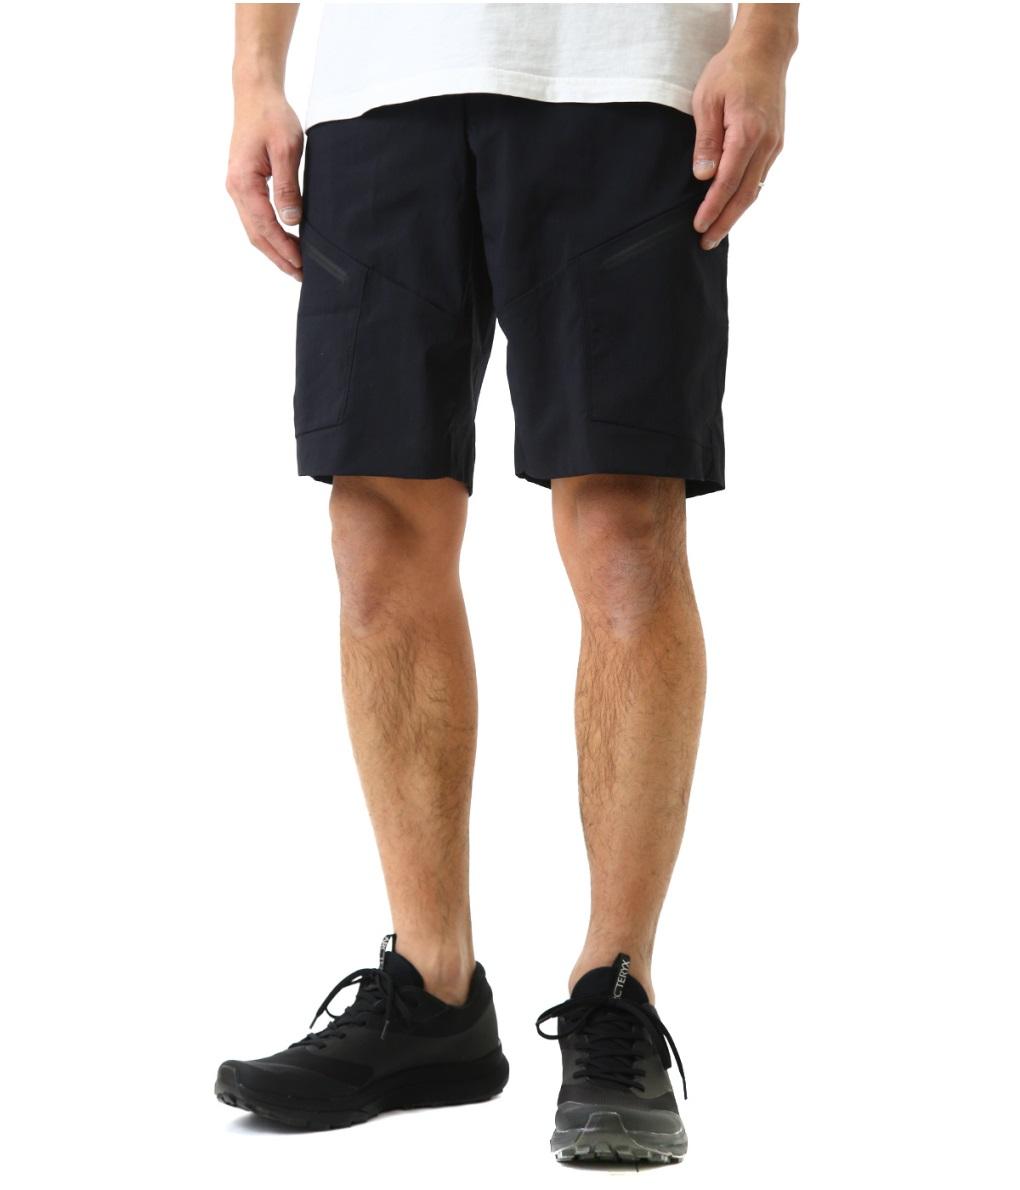 ARC'TERYX / アークテリクス : Palisade Short Men's : アークテリクス パラダイスショーツ ロングパンツ ボトム ショーツ ショートパンツ : L07011800 【STD】【REA】